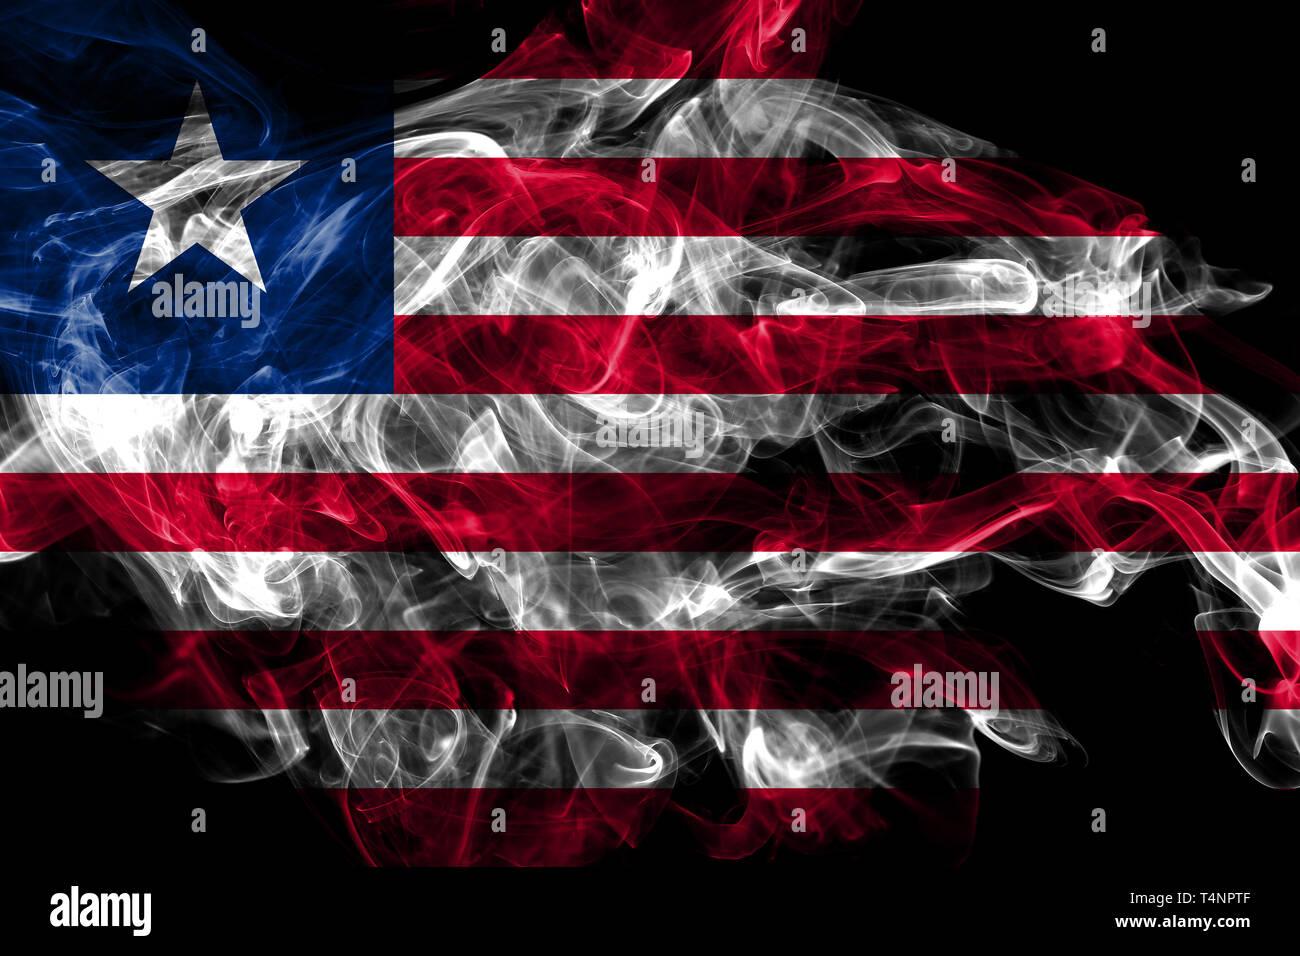 Liberia smoke flag isolated on black background - Stock Image